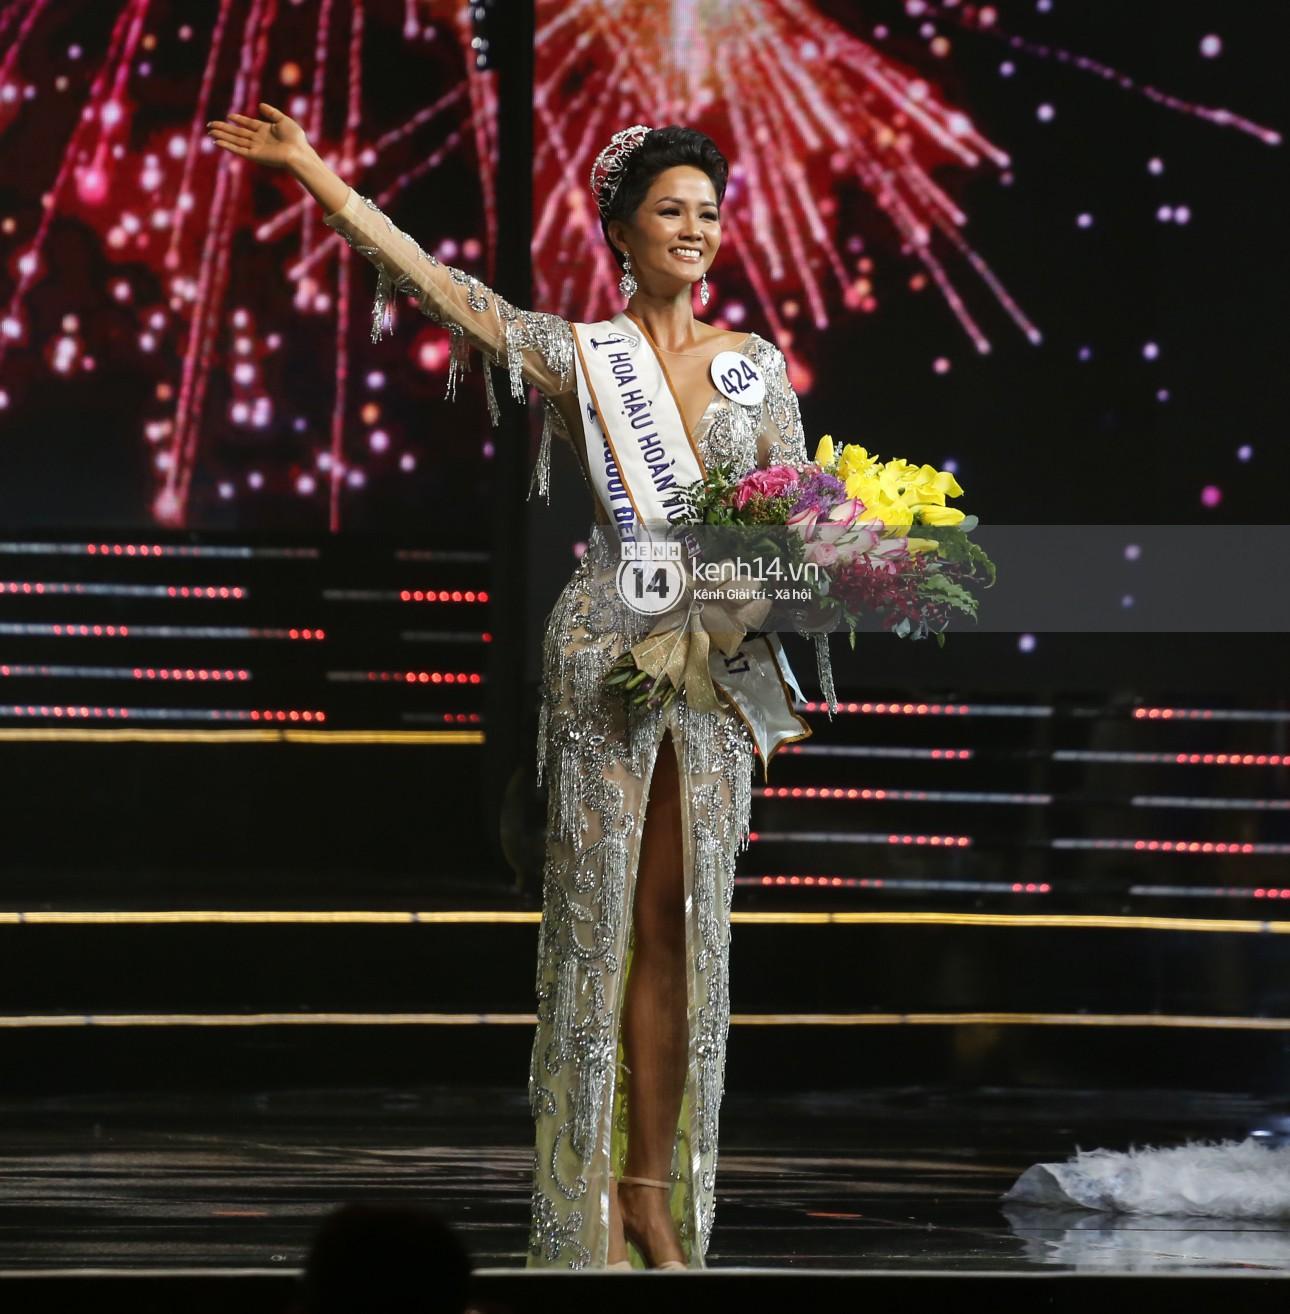 Trước khi đăng quang Hoa hậu, HHen Niê đã là một người mẫu sáng giá với những khoảnh khắc catwalk xuất thần như thế này đây - Ảnh 1.